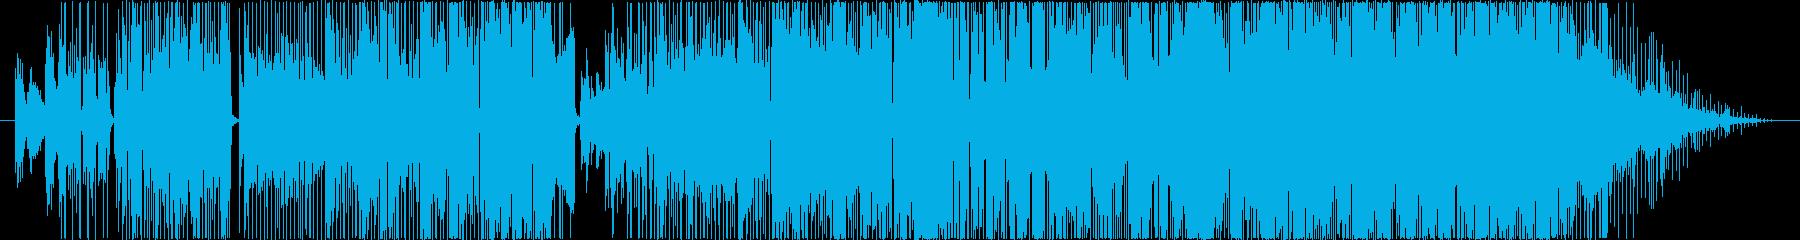 C-POPでレトロな曲の再生済みの波形